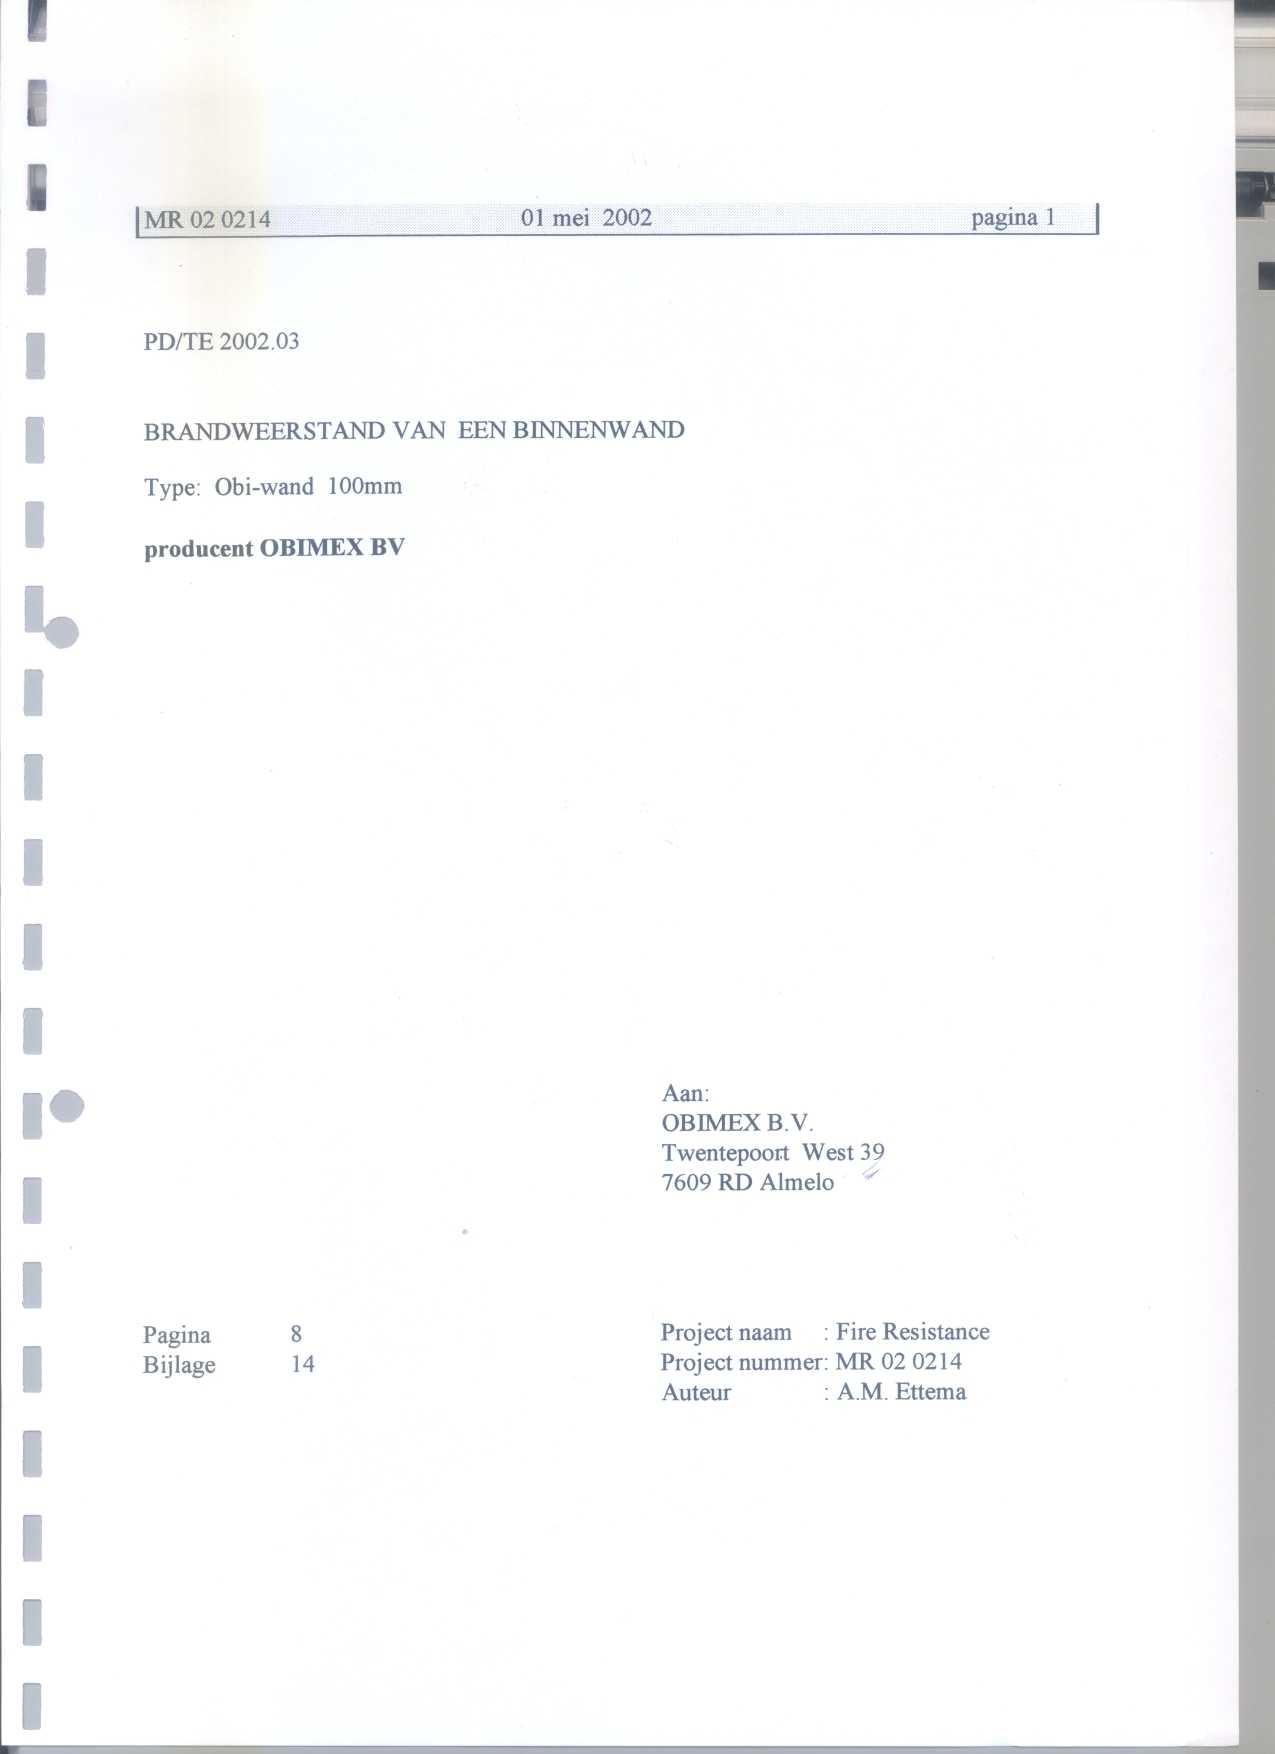 rapport-mr-02-024-100-mm-obi-wand-met-c-profiel-resultaat-70-min_pagina_01